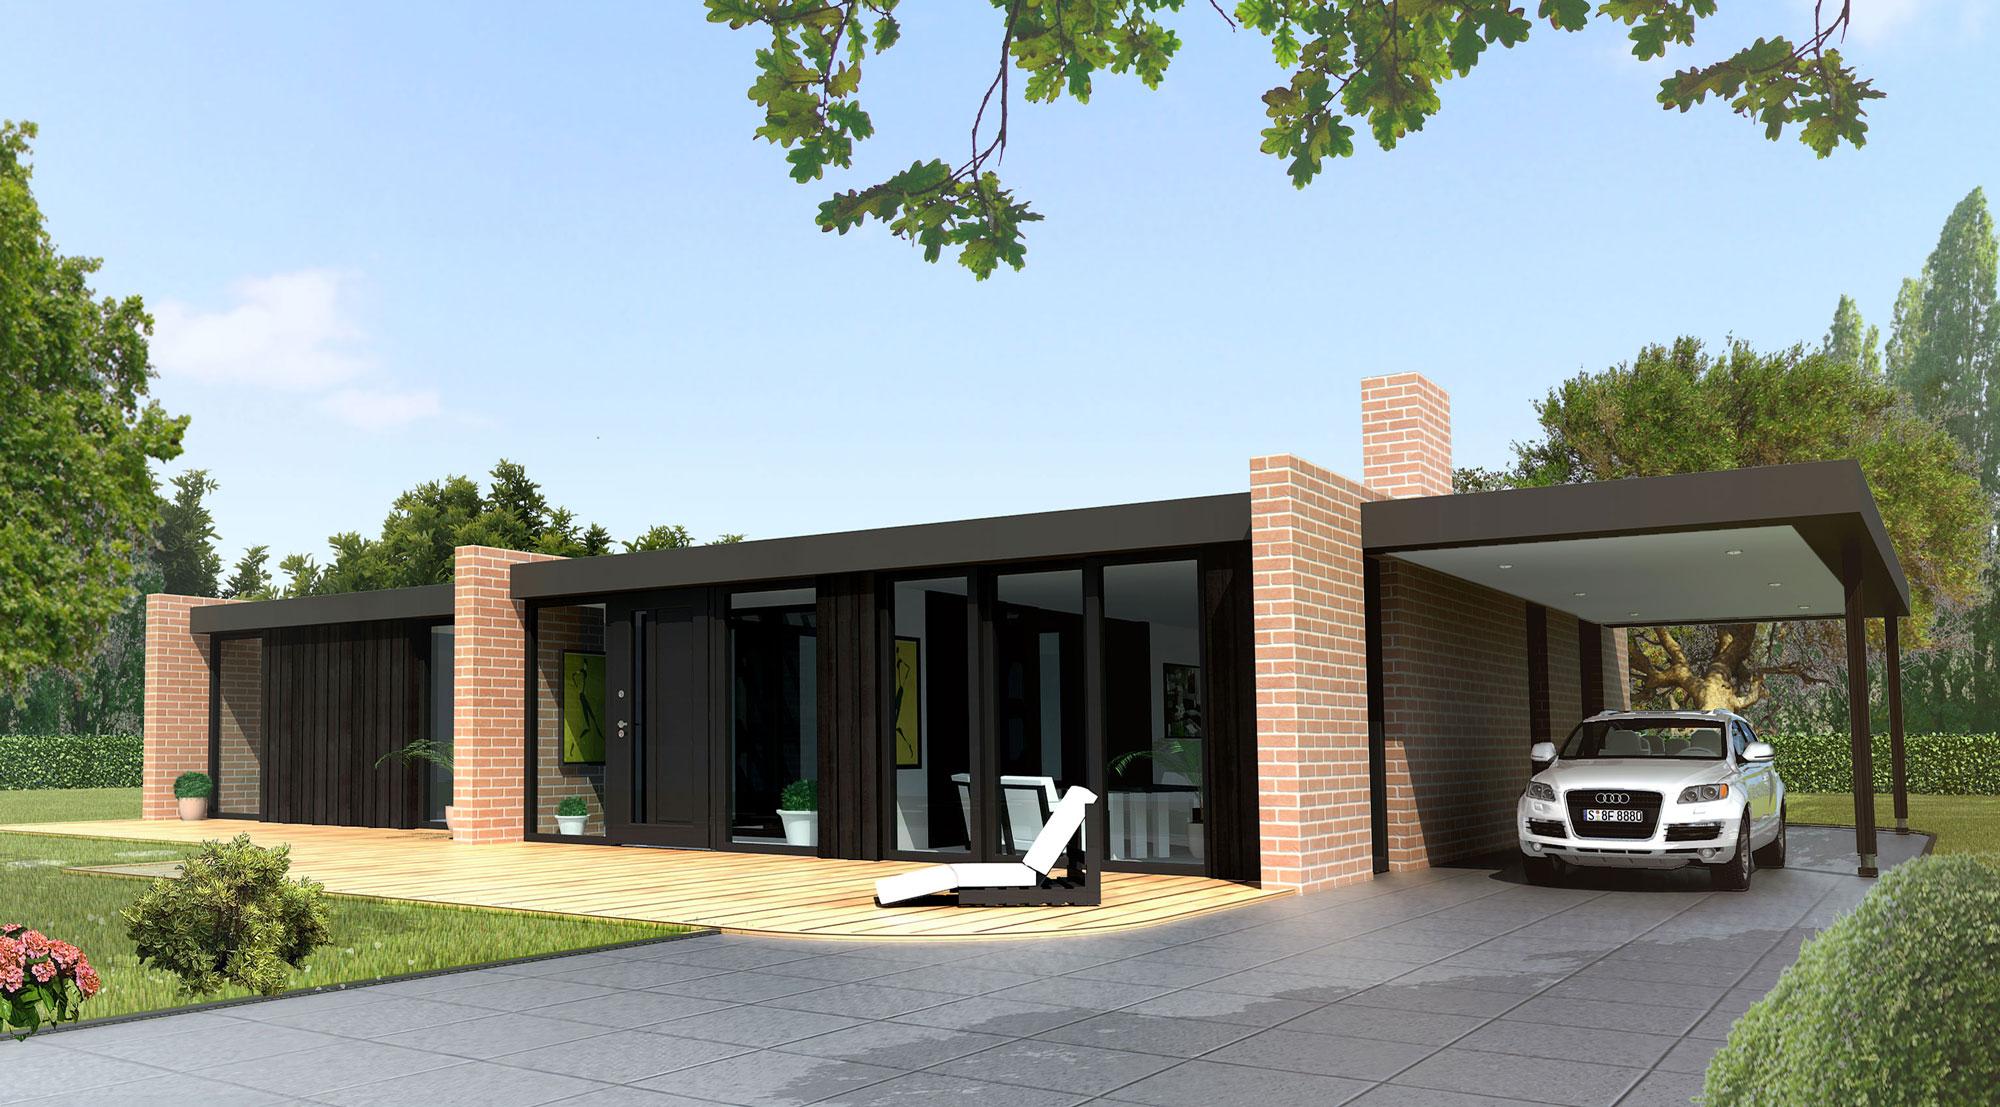 Souvent Maison contemporaine toit plat plain pied - Le monde de Léa QO81